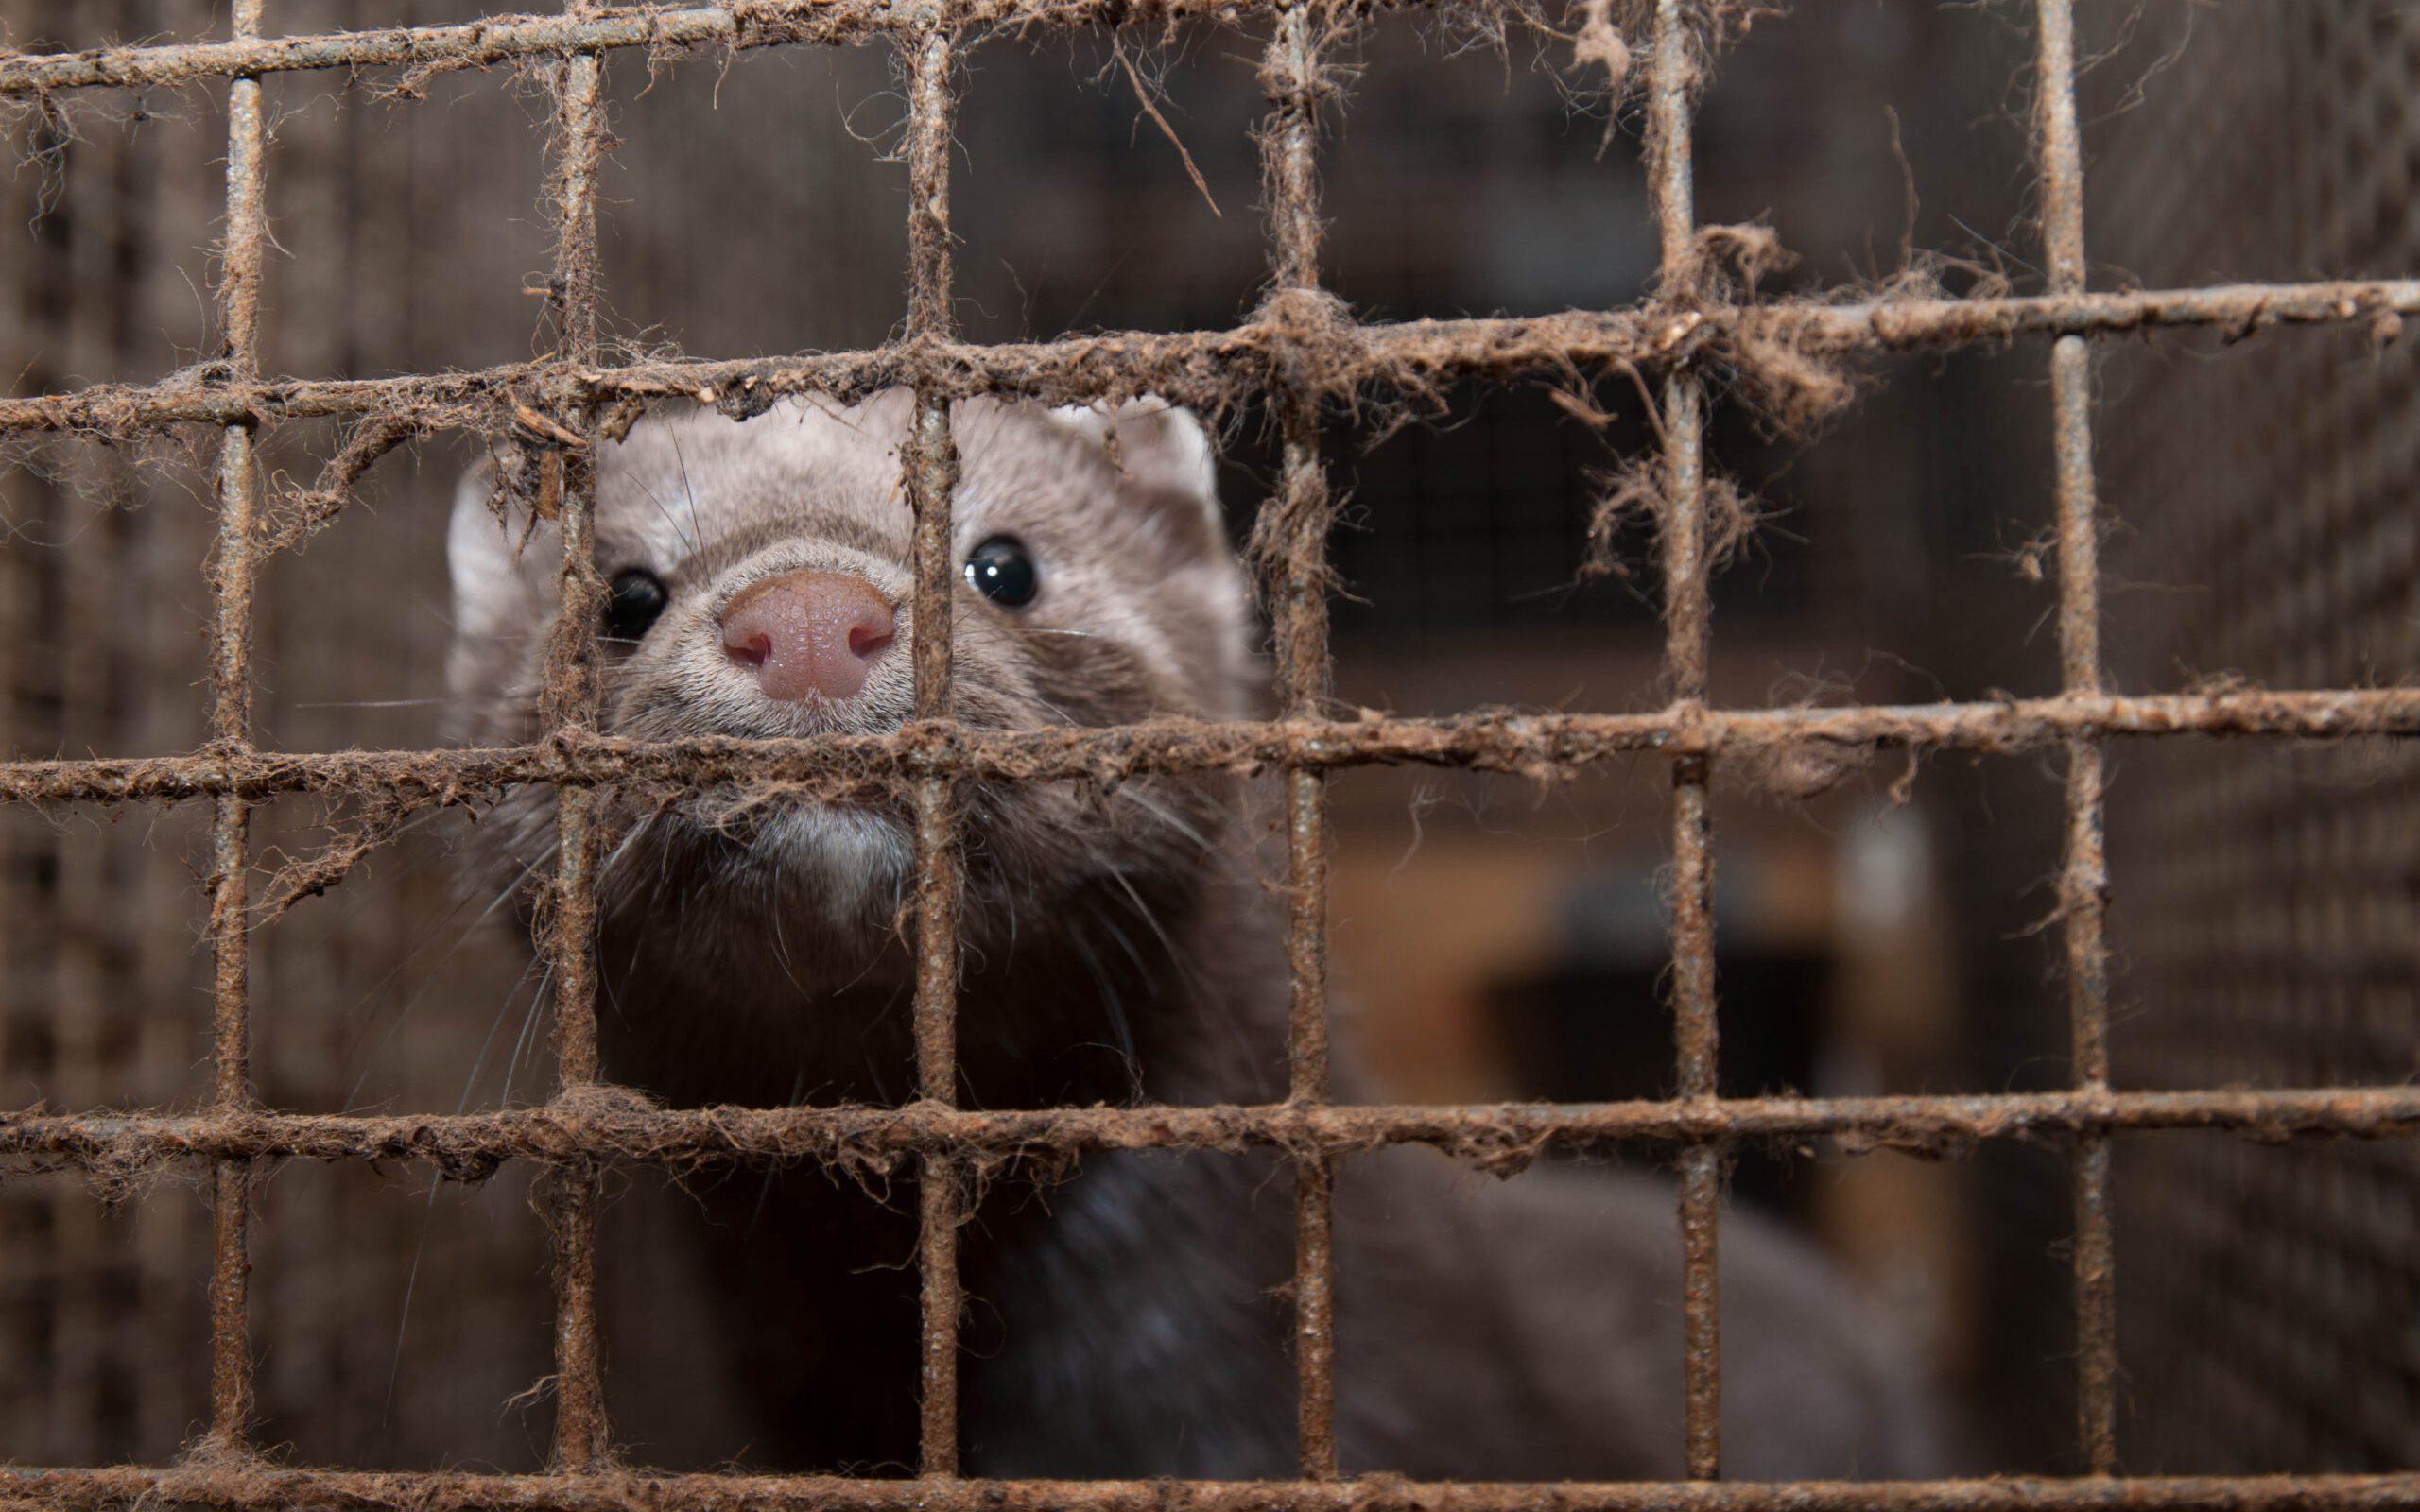 Over 880 000 oppfordrer verdenslederne om å stoppe pelsindustrien globalt. Foto: Anima